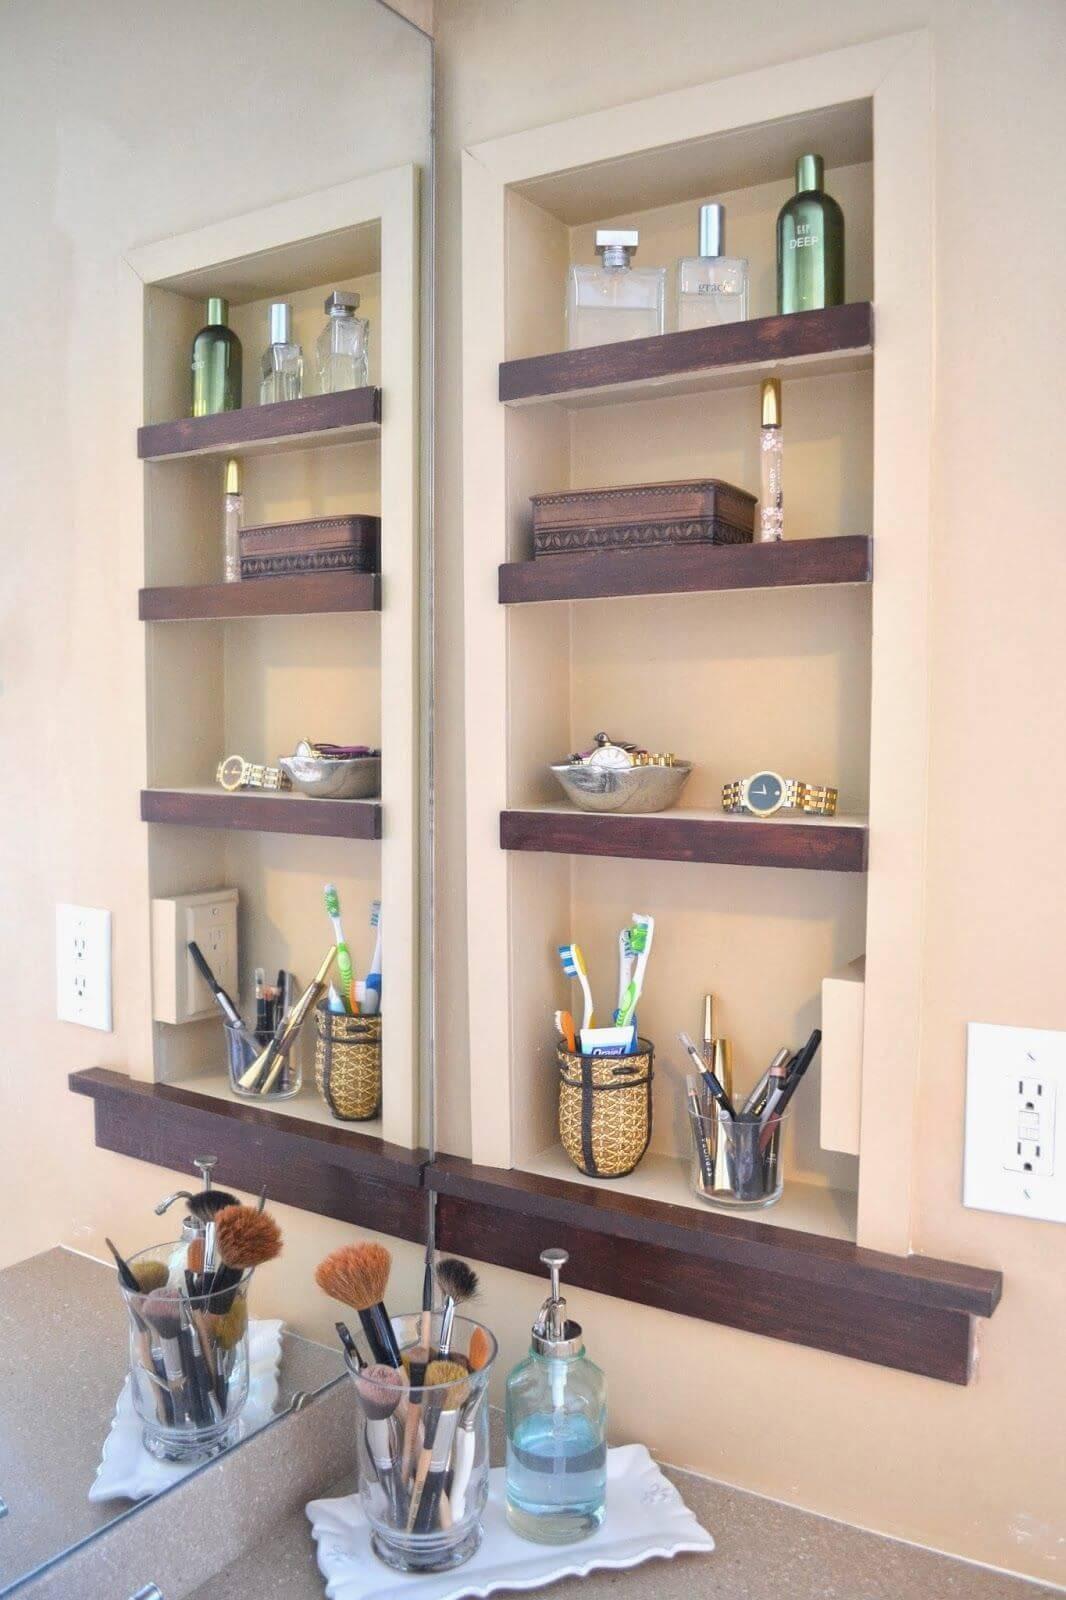 9. Make up Shelves by simphome.com 2